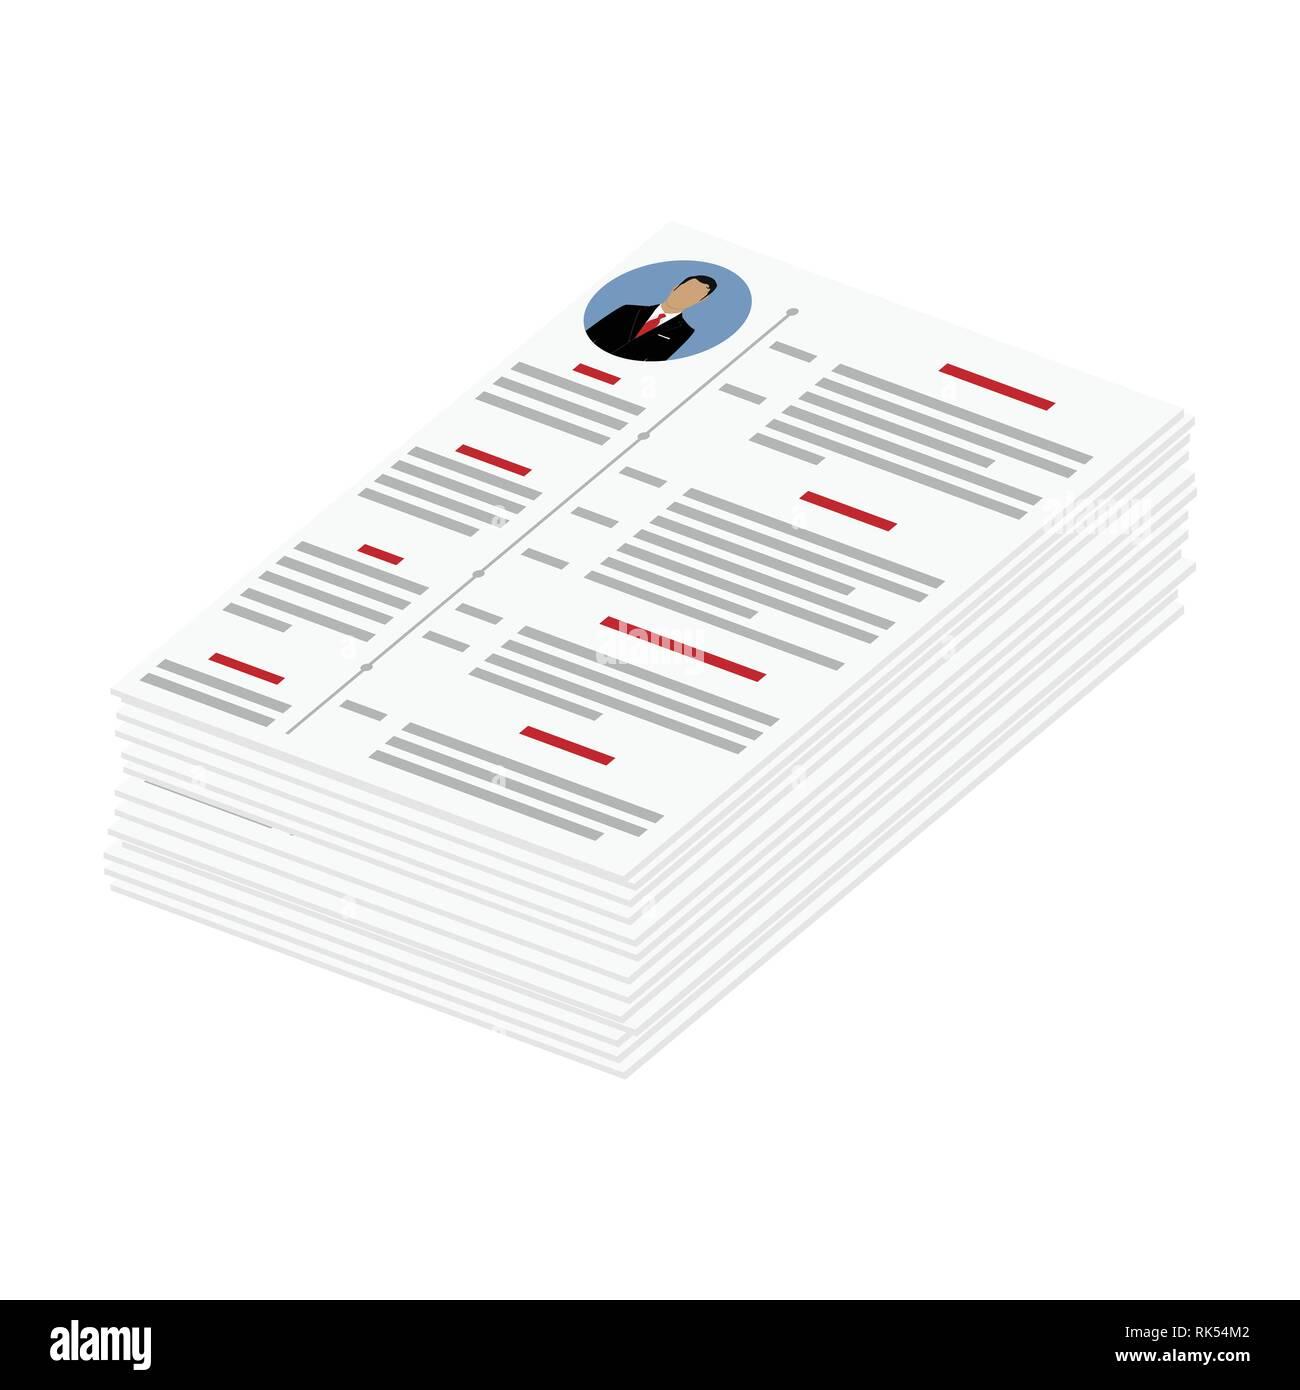 curriculum vitae document stock photos  u0026 curriculum vitae document stock images